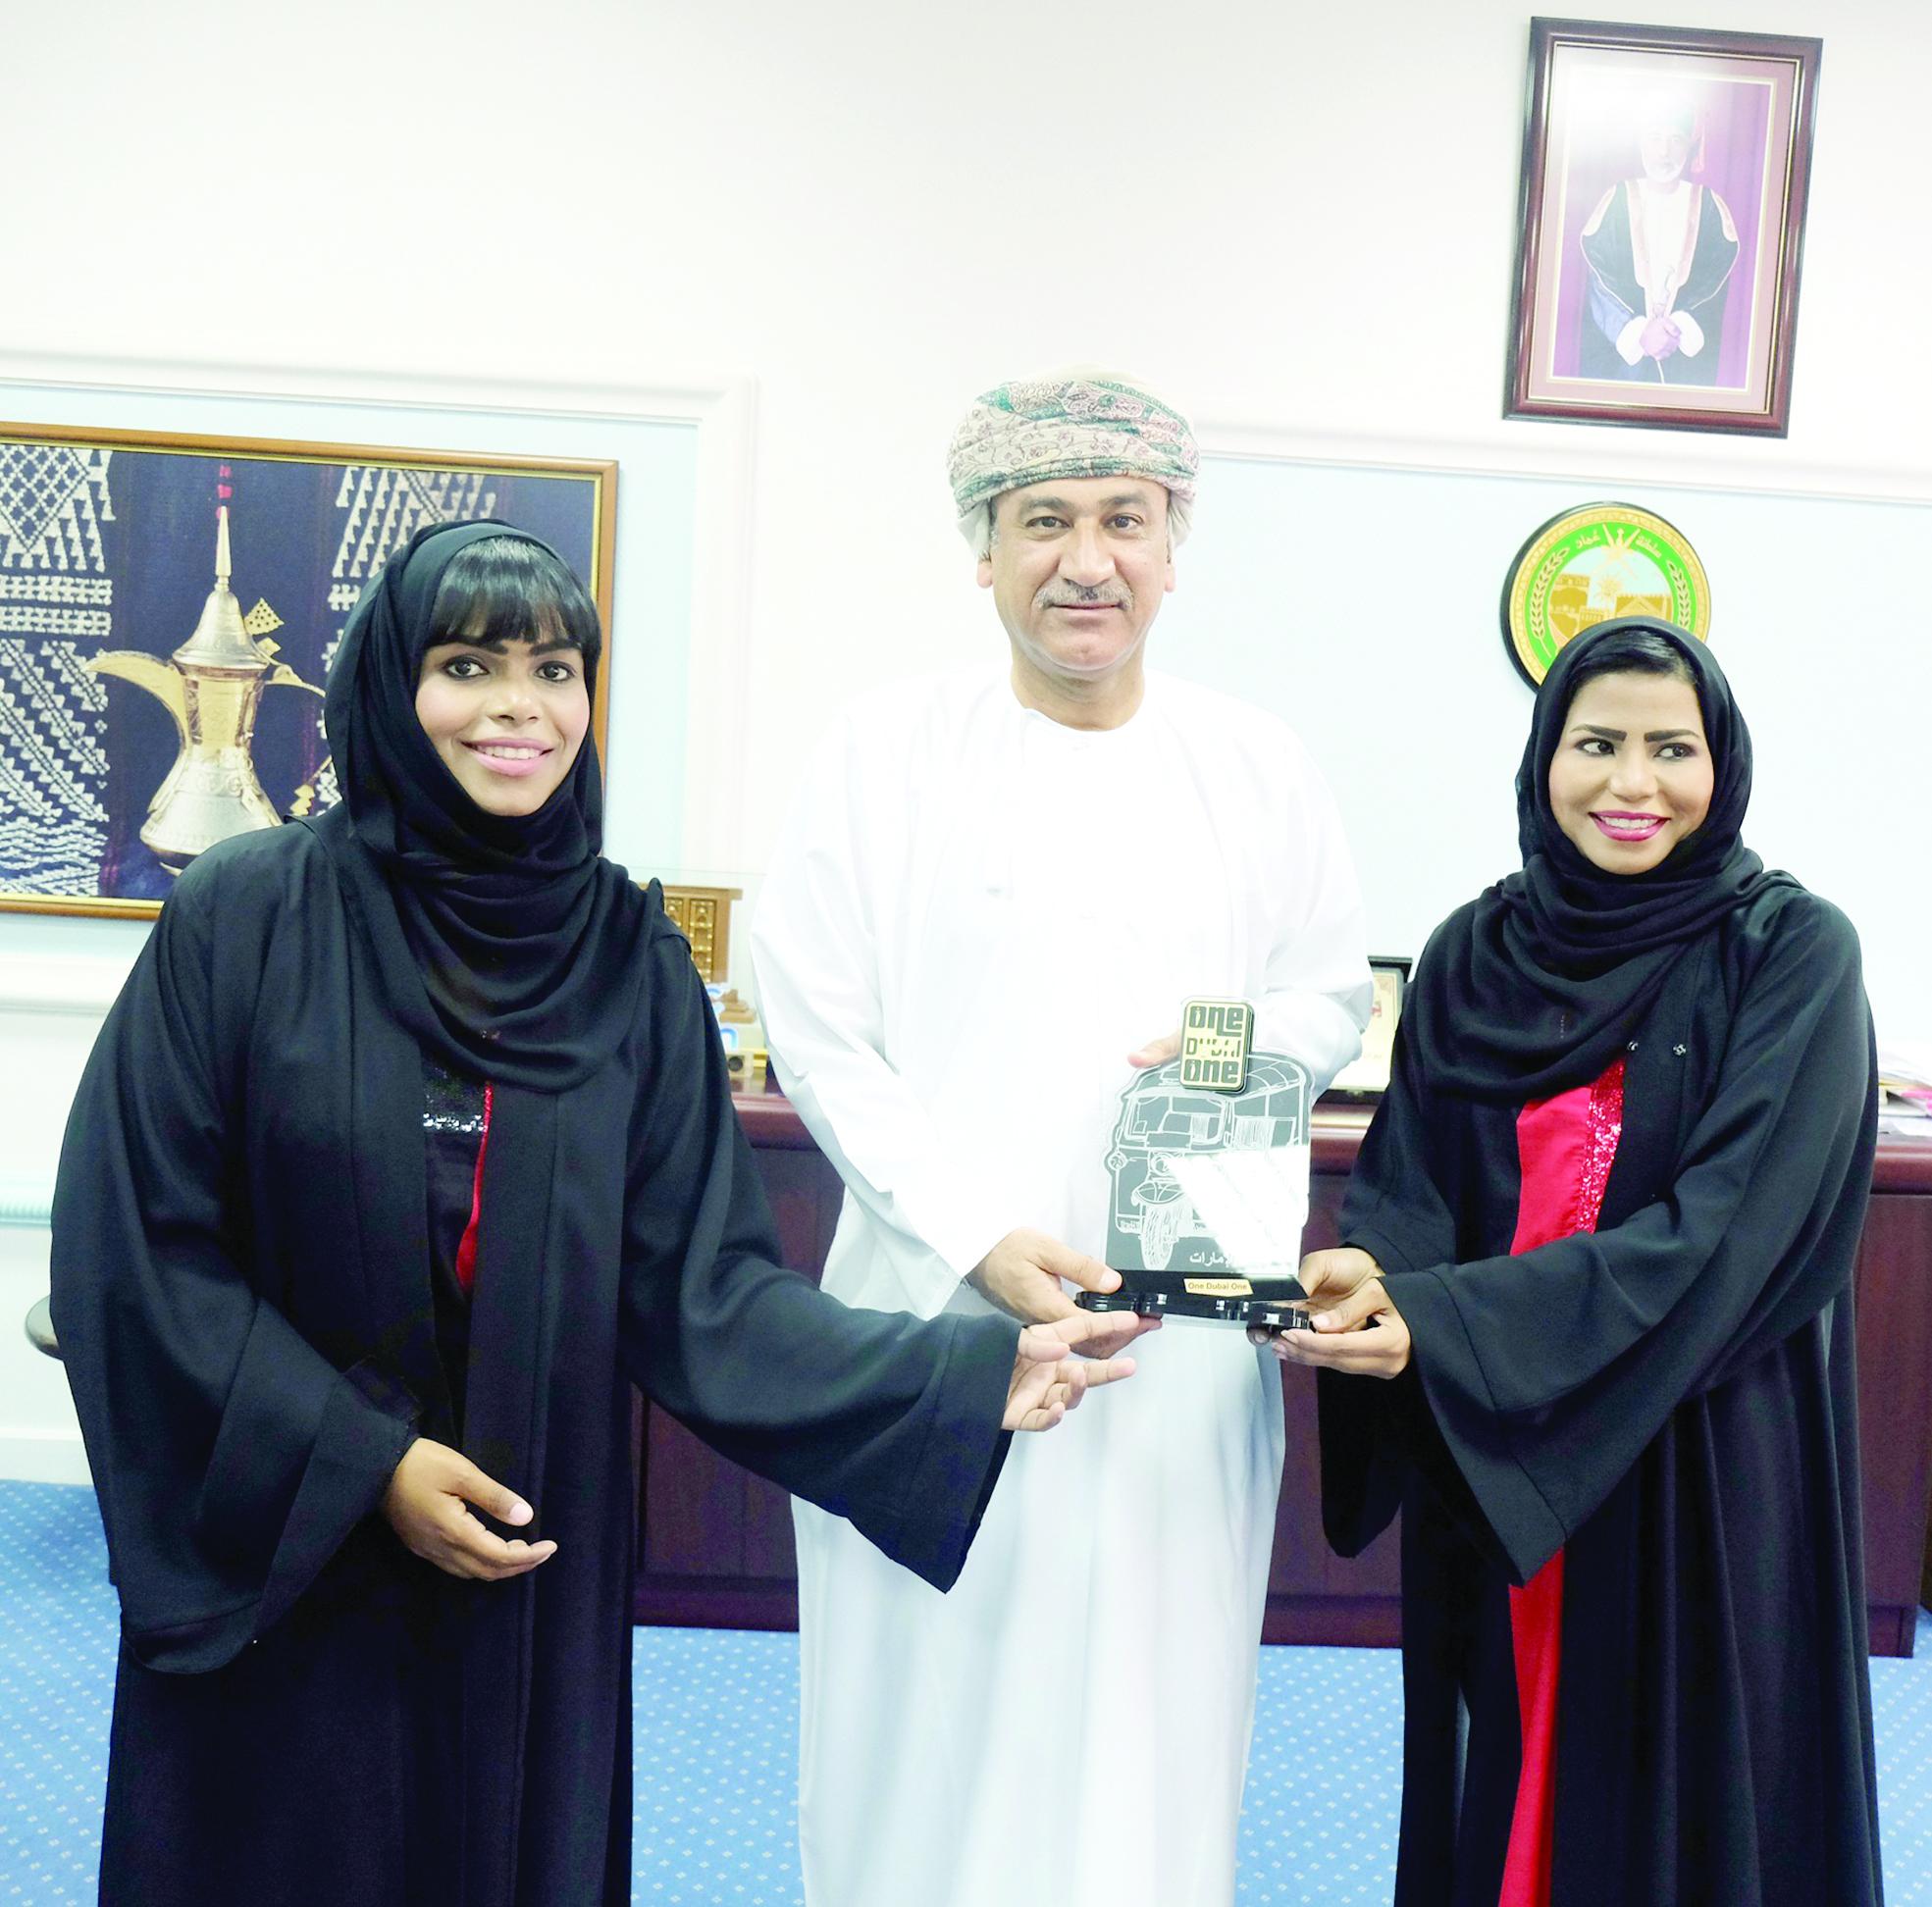 خالد بهرام يستقبل الرحالتين الإماراتيتين